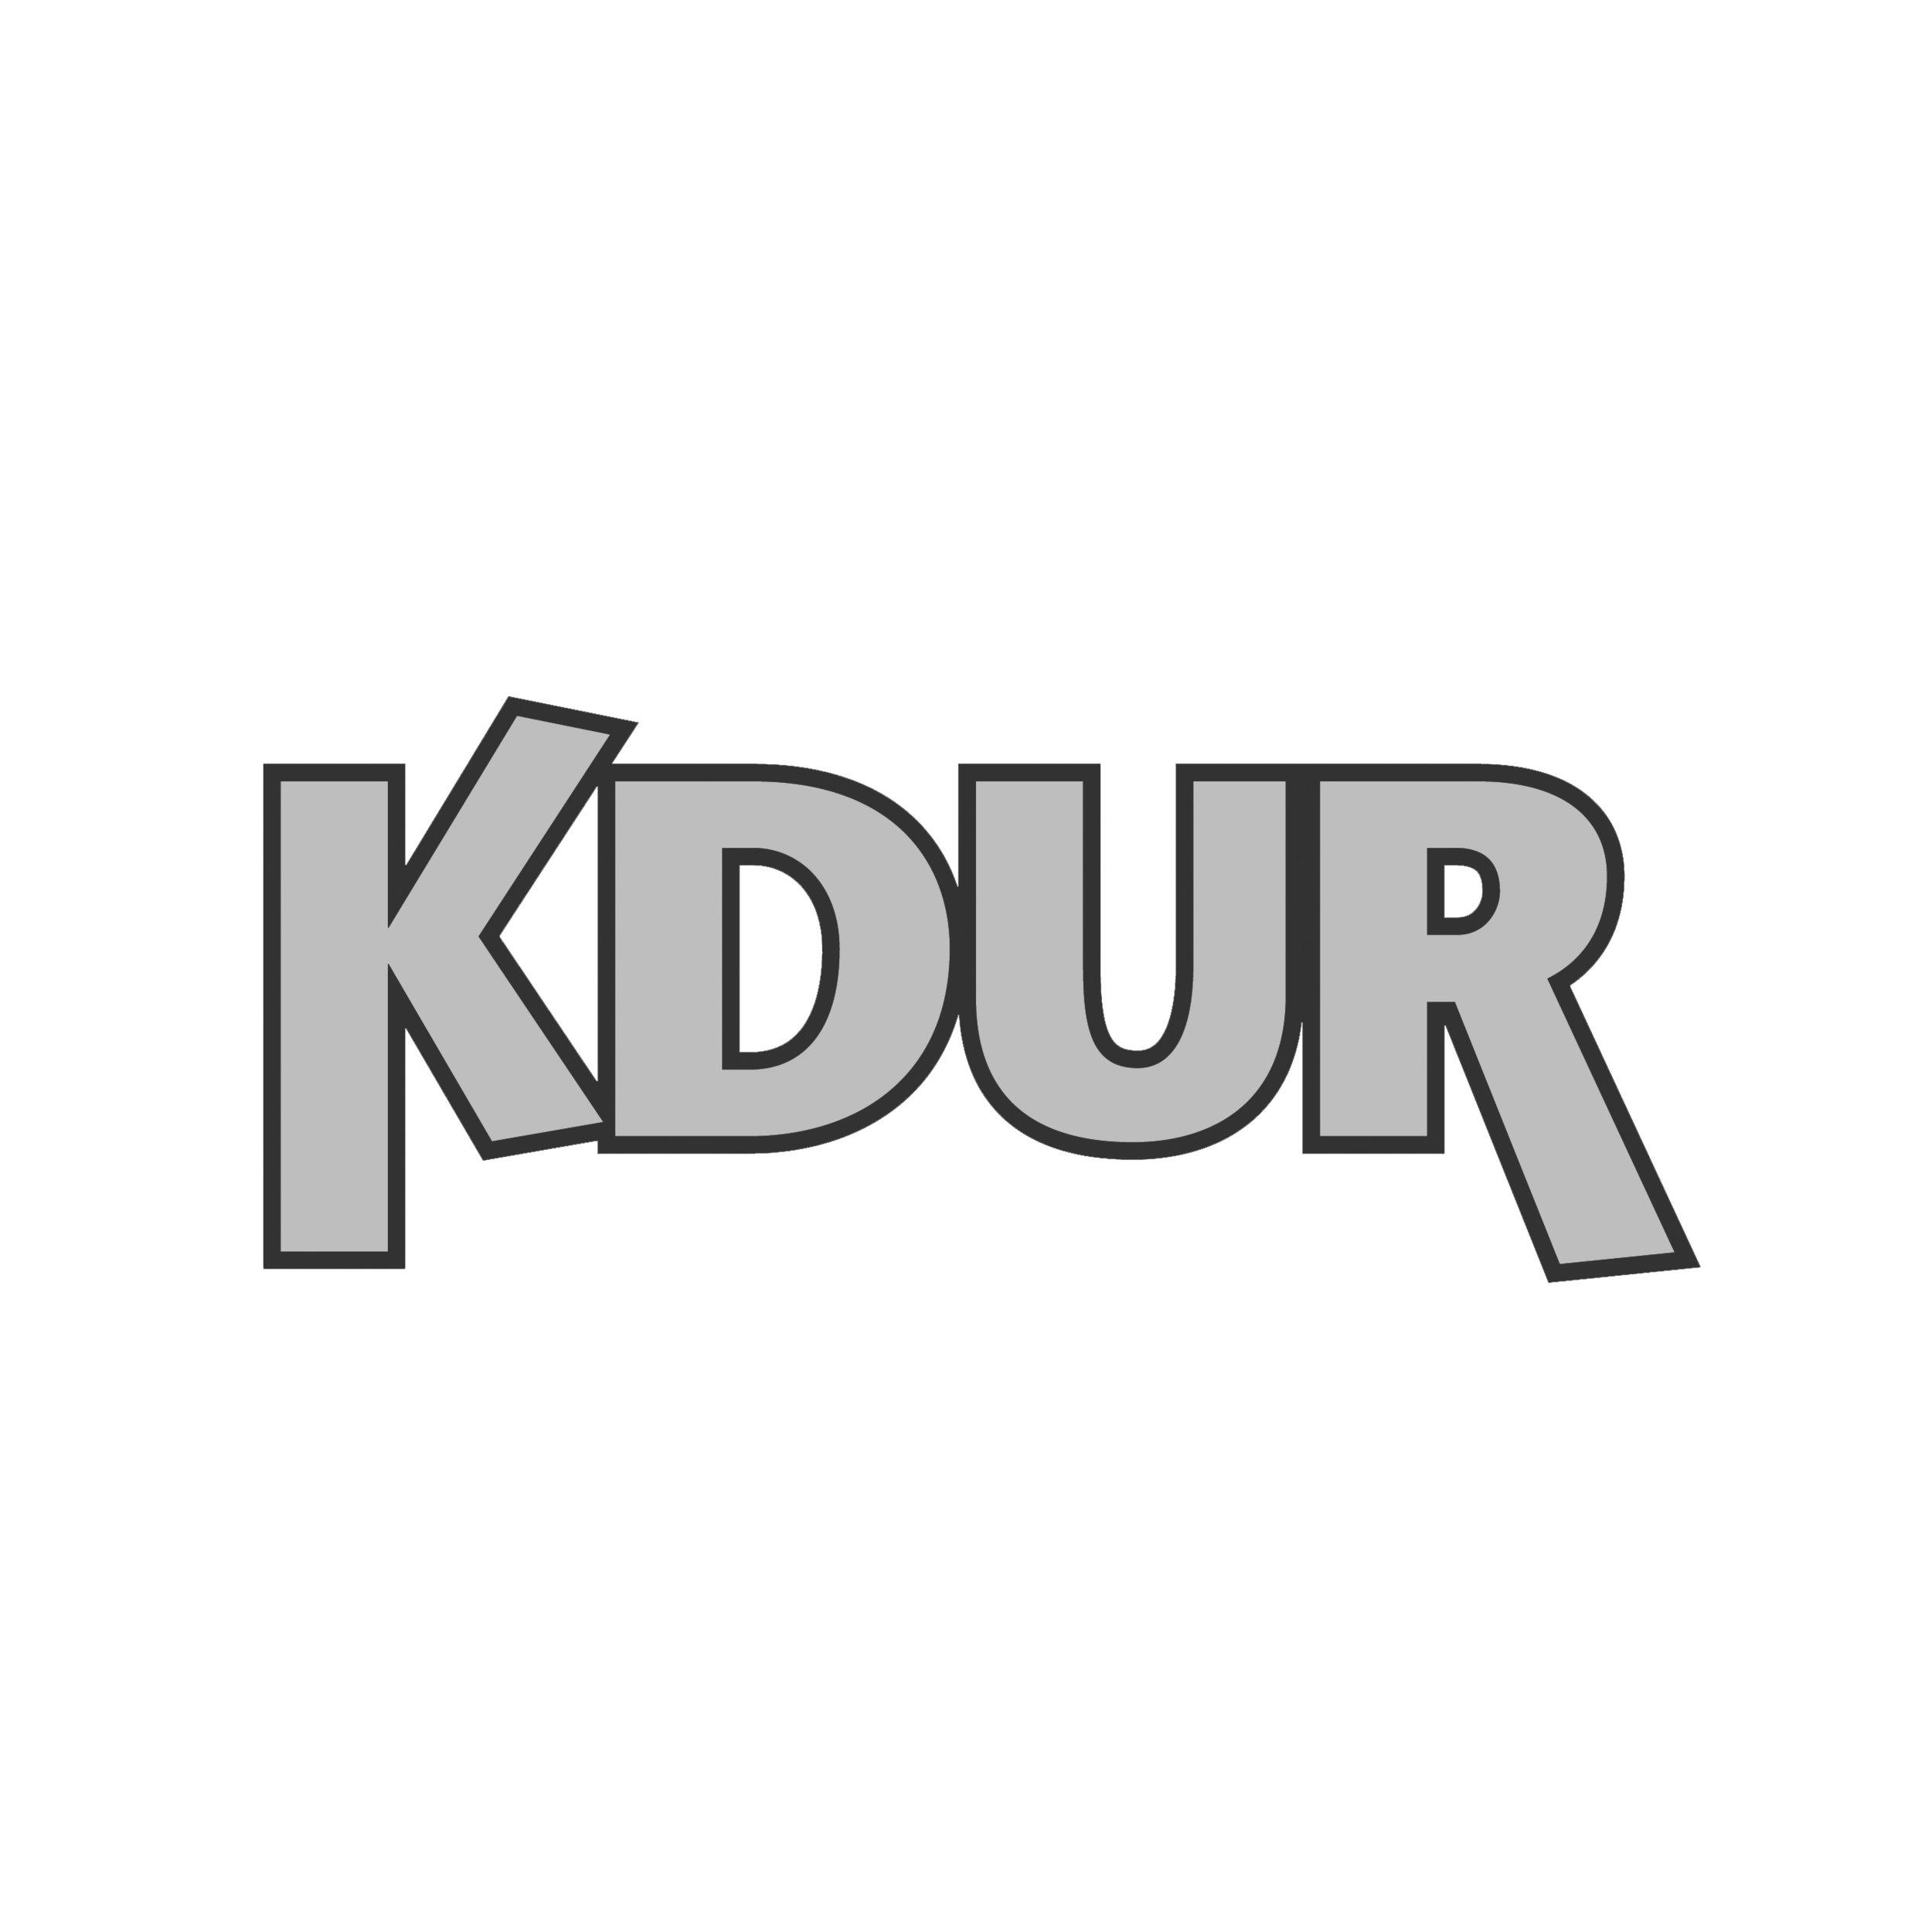 KDUR_logo_84.jpg